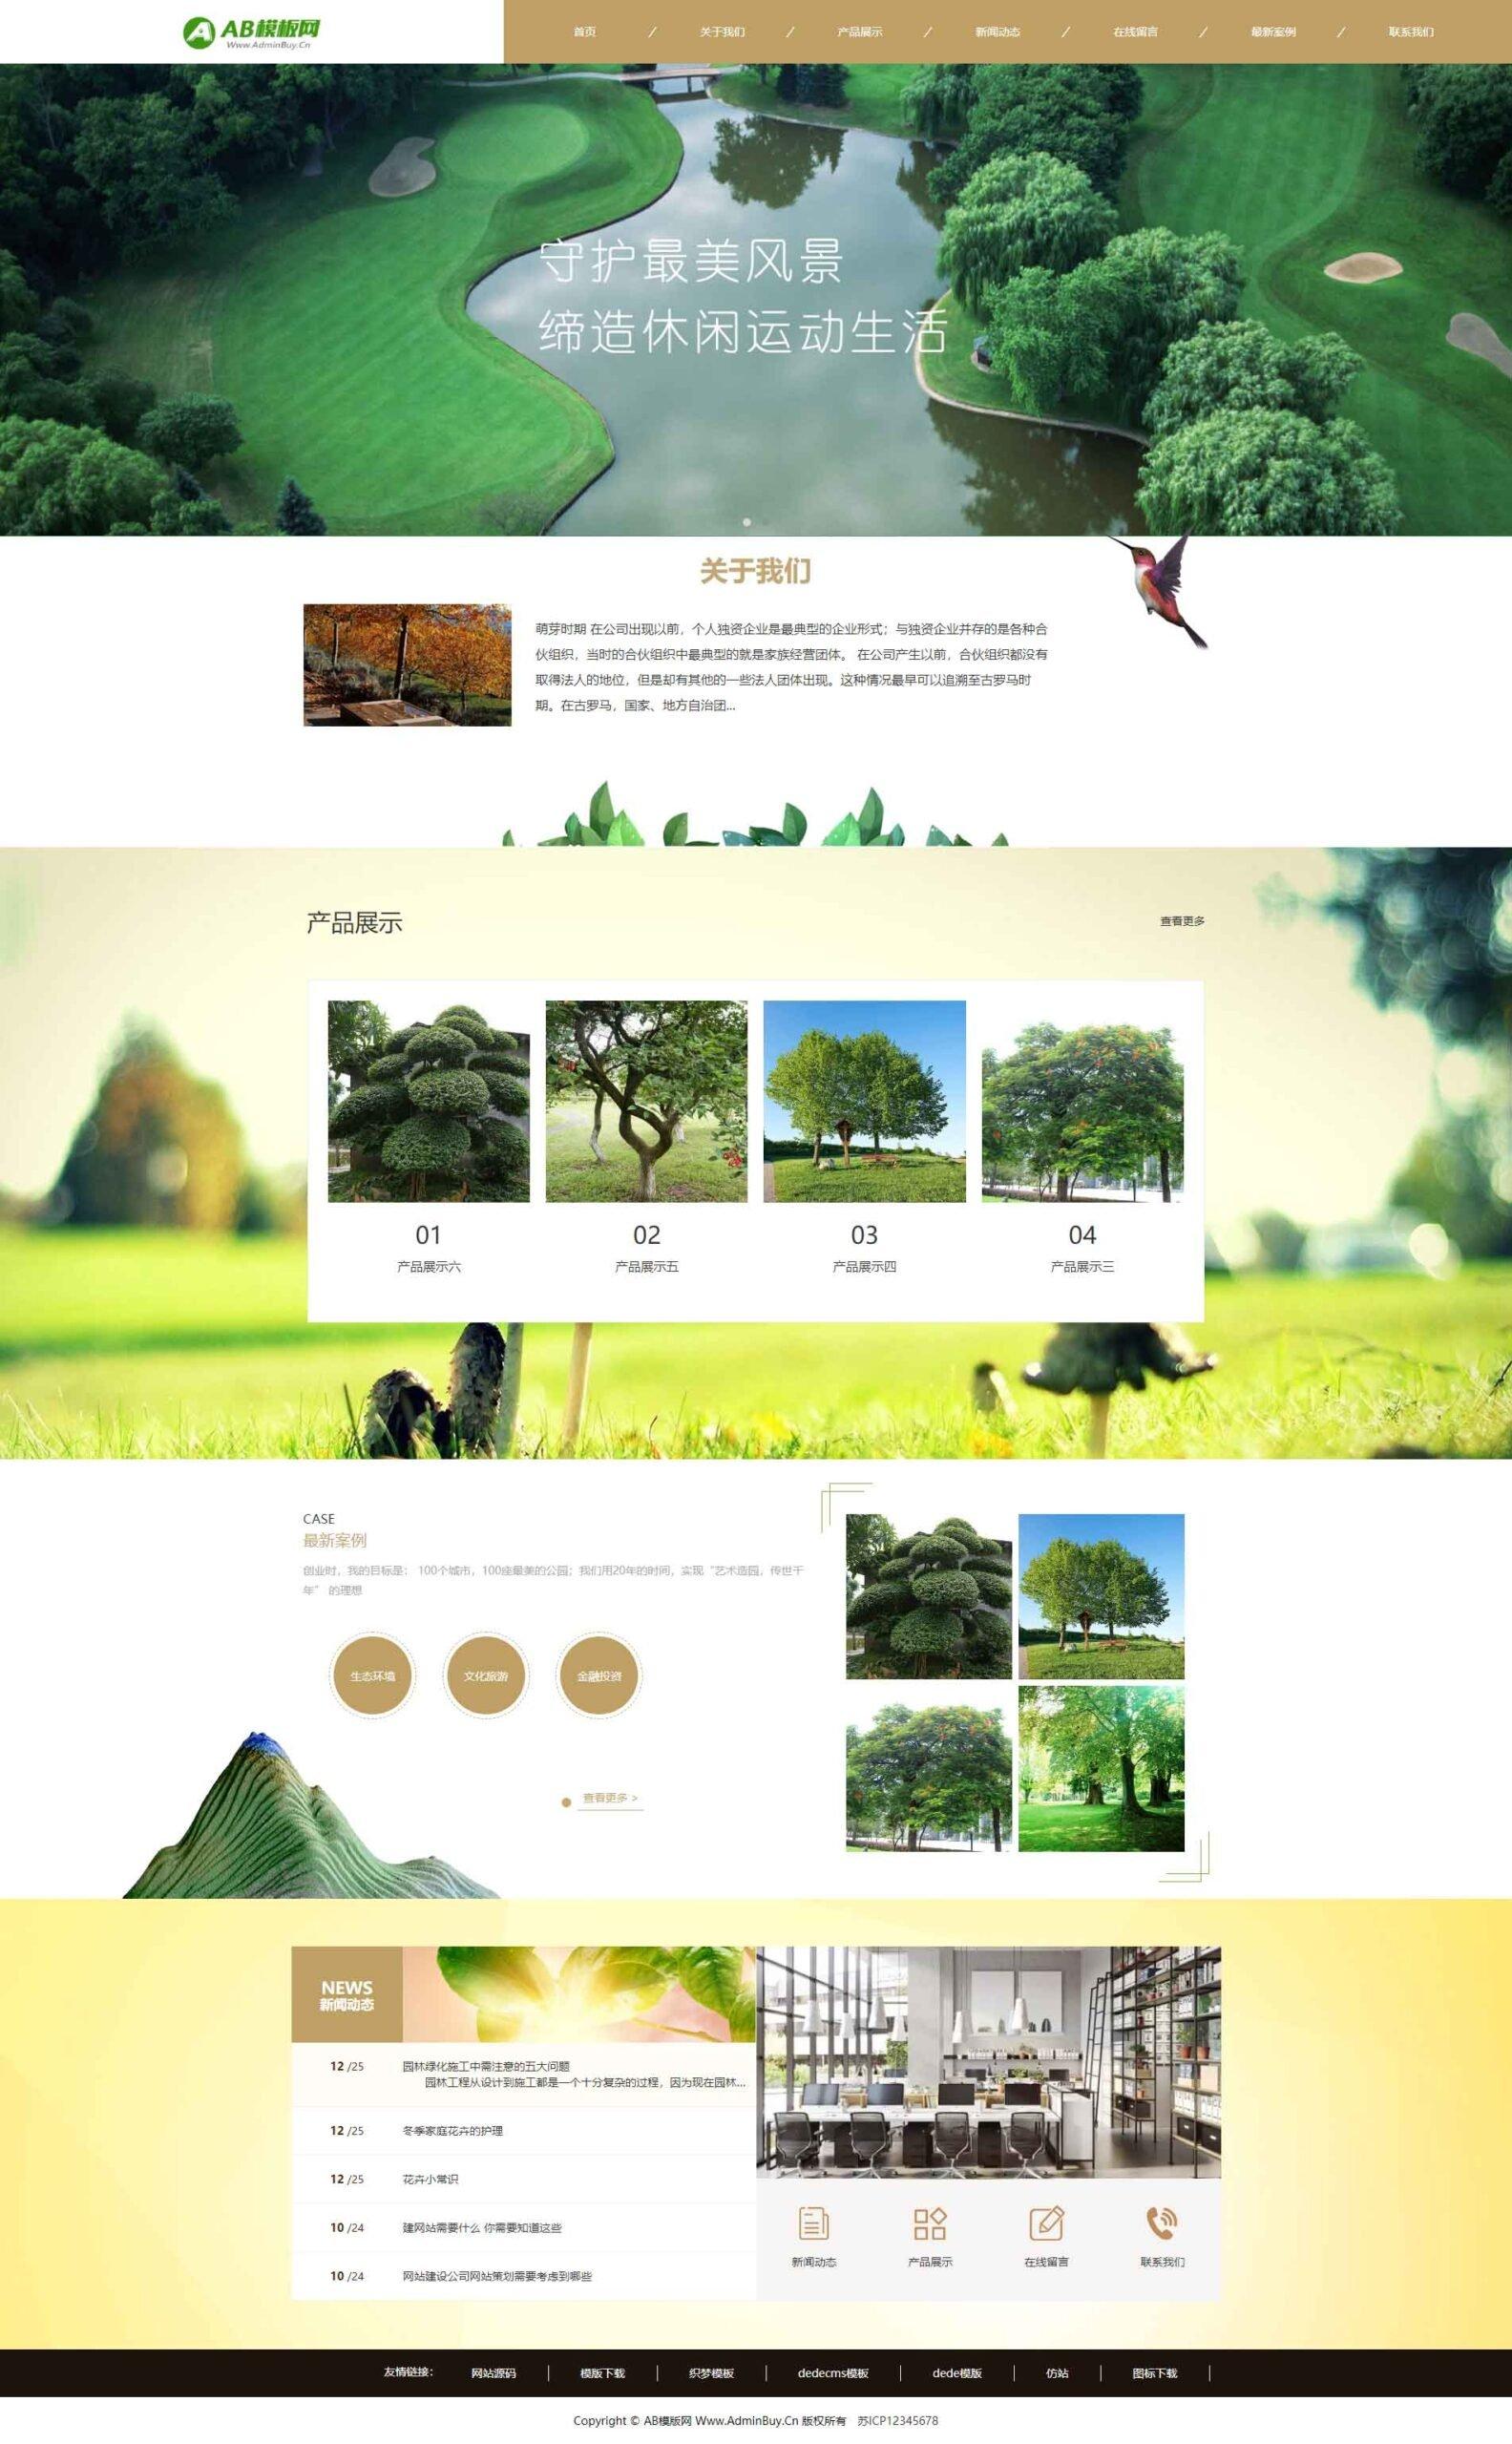 鹤云资源博客-建筑设计园林景观网站织梦dede模板源码[自适应手机版]插图